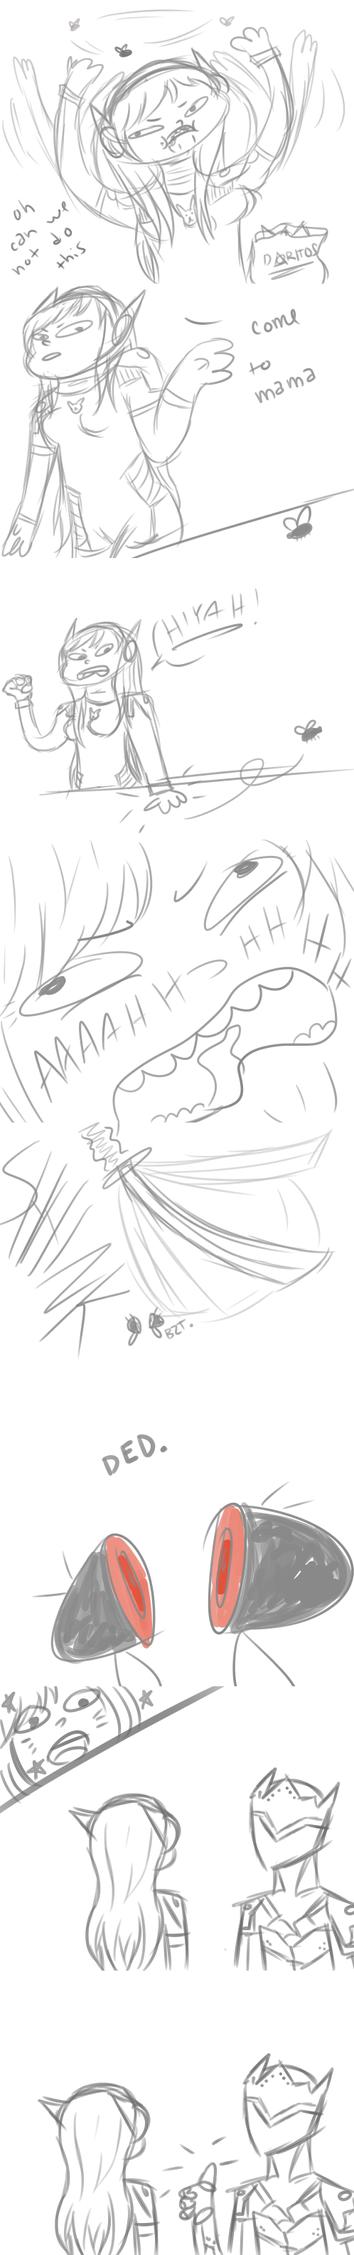 Pesky Fly [Overwatch Comic] by bubblyyuui